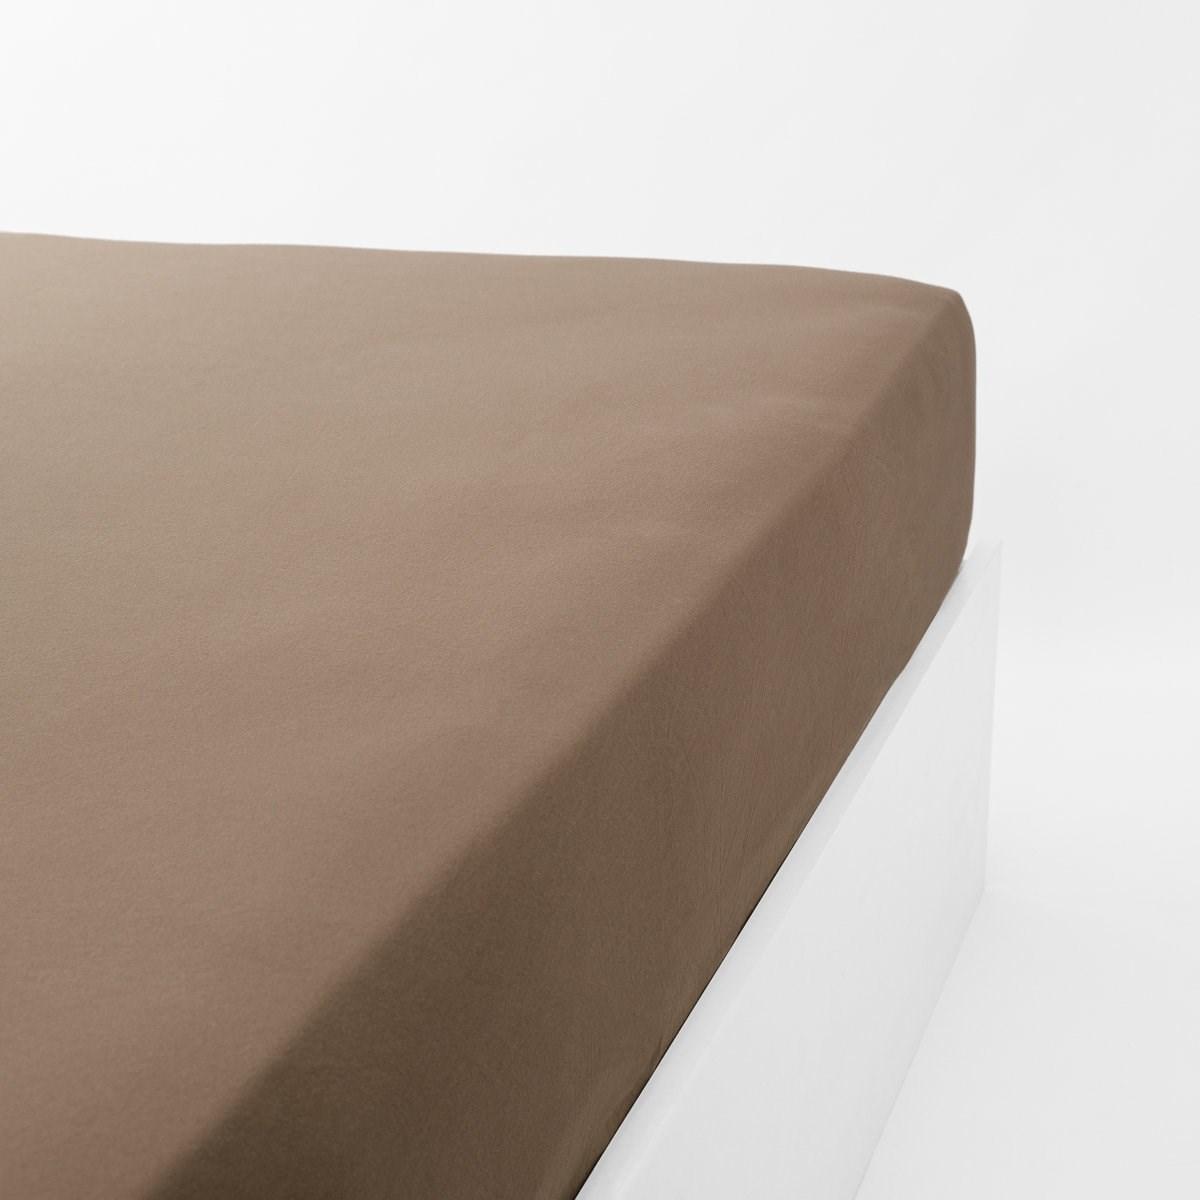 Drap housse jersey extensible en coton marron 140x200 cm